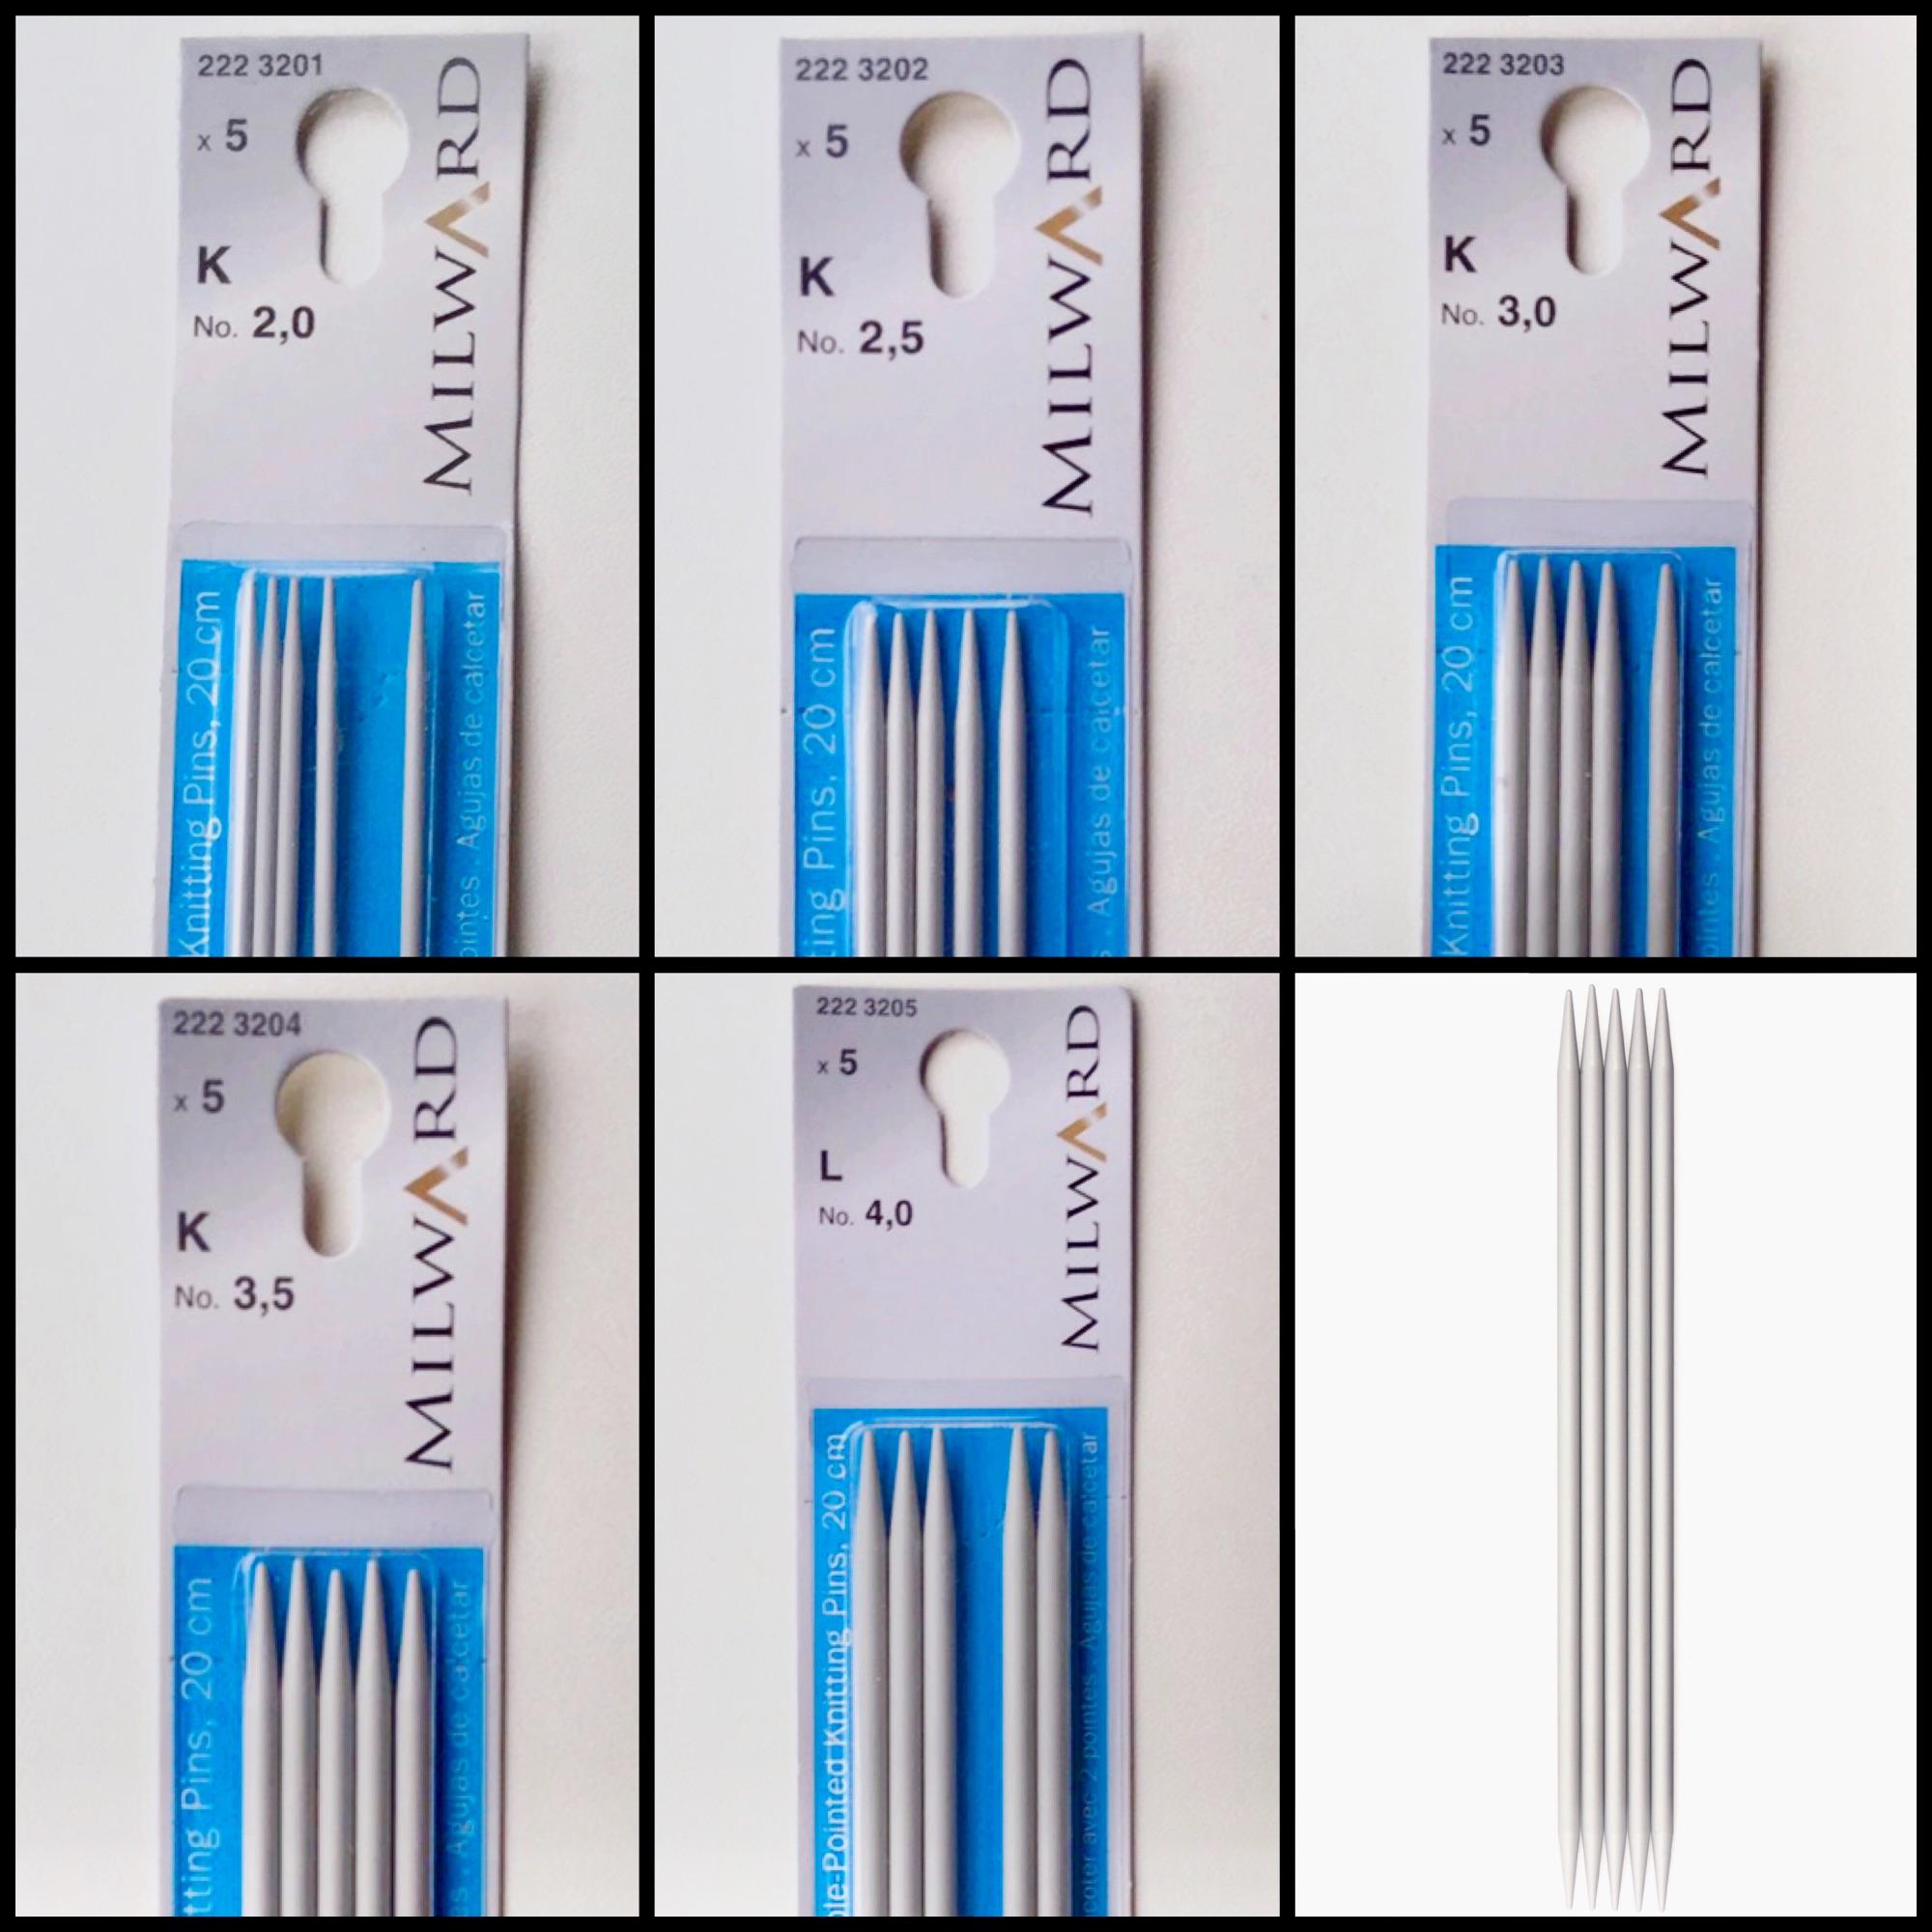 Milward 20cm double end aluminium knitting needles set of 5 sizes